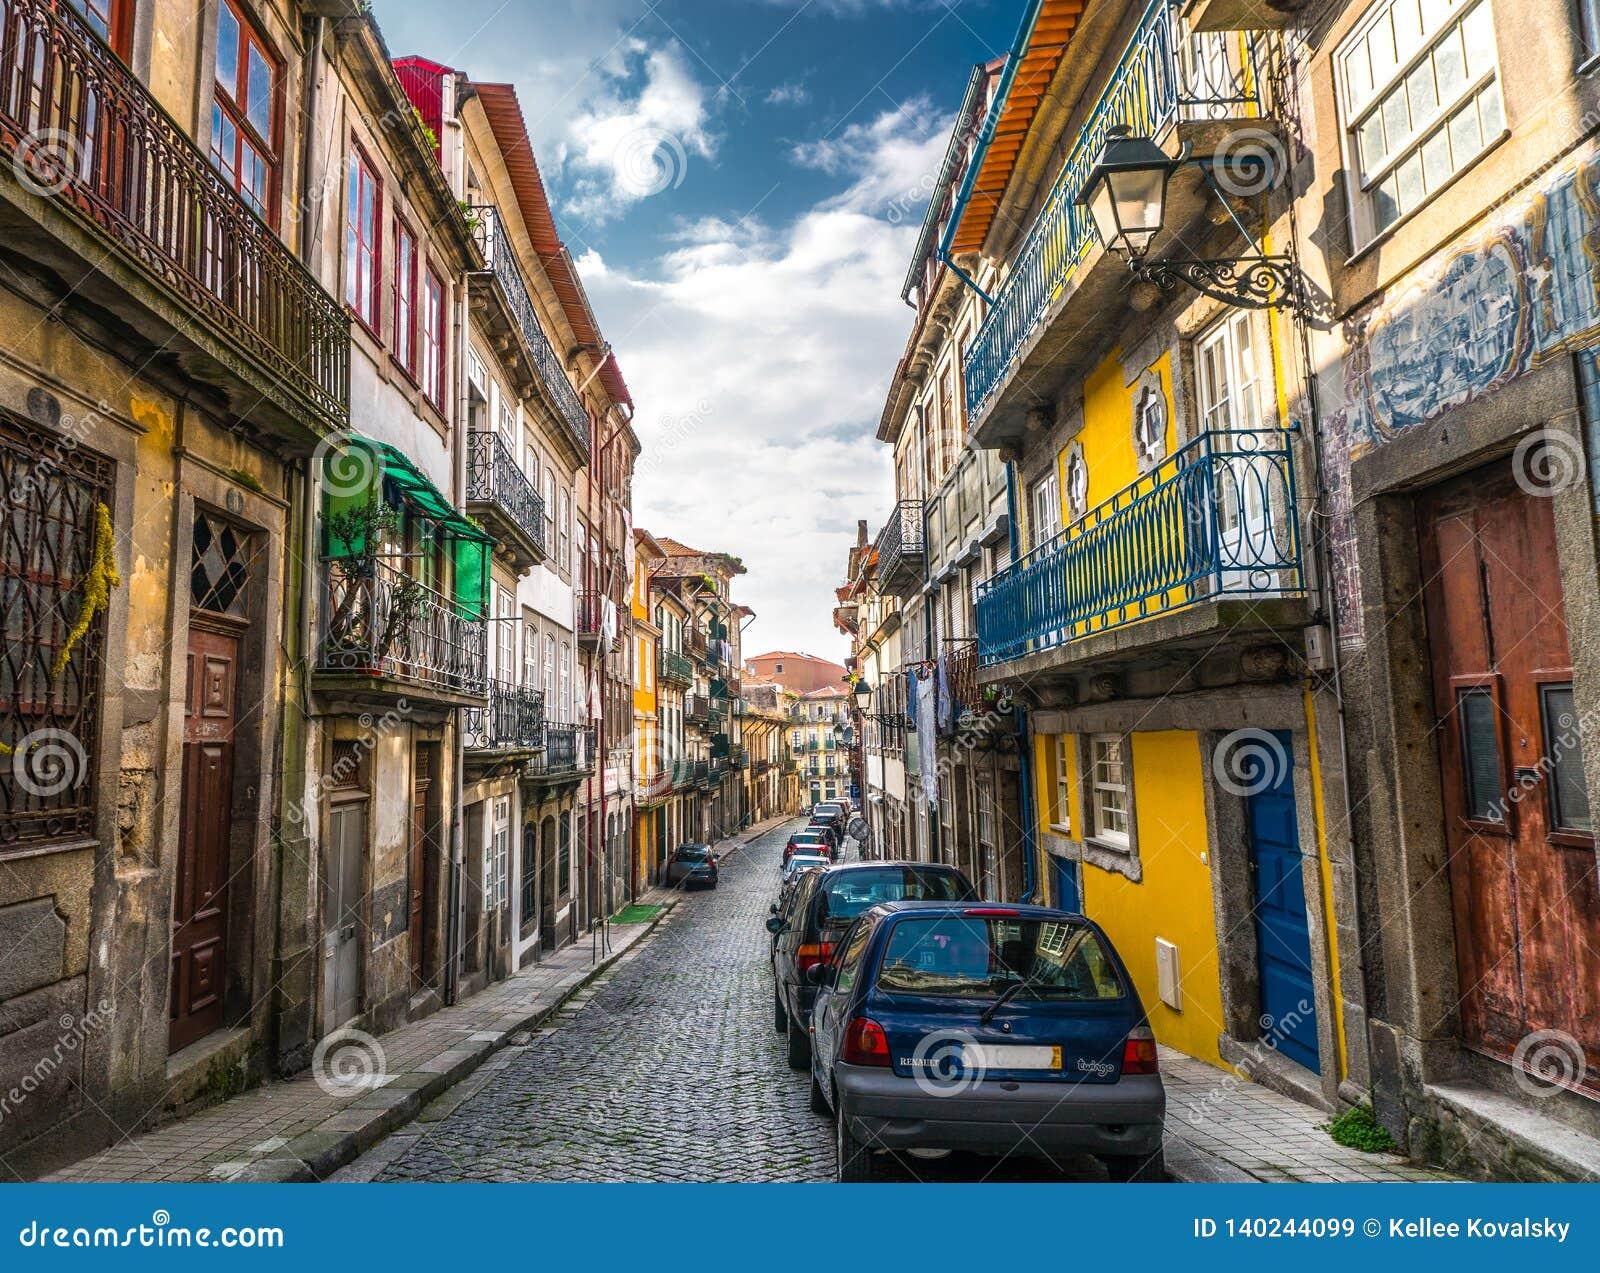 Unique bright and colorful alley in Porto Portugal.